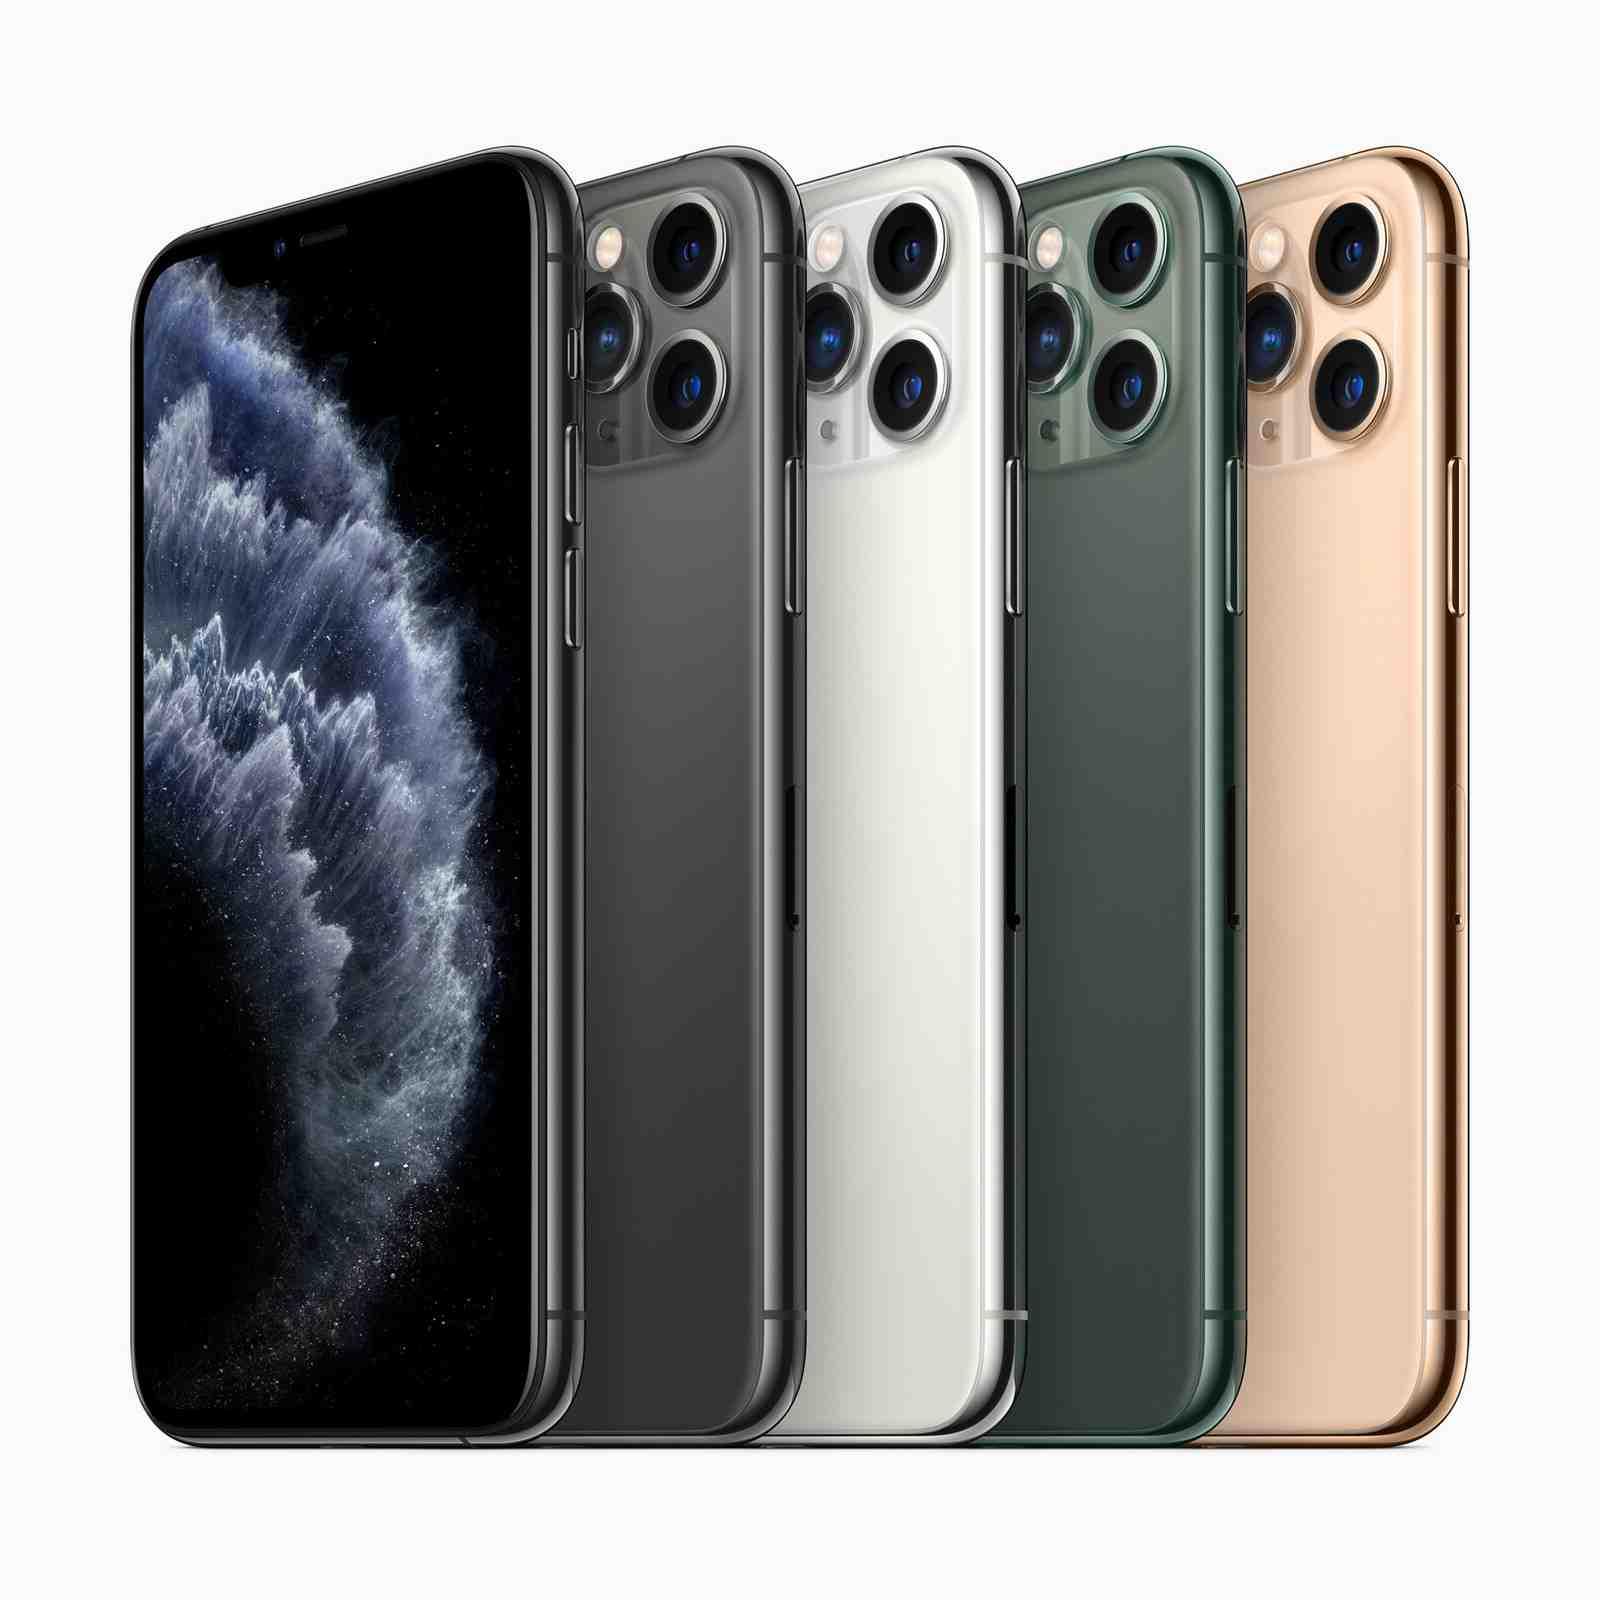 L'iphone 11 pro peut-il charger d'autres téléphones ?